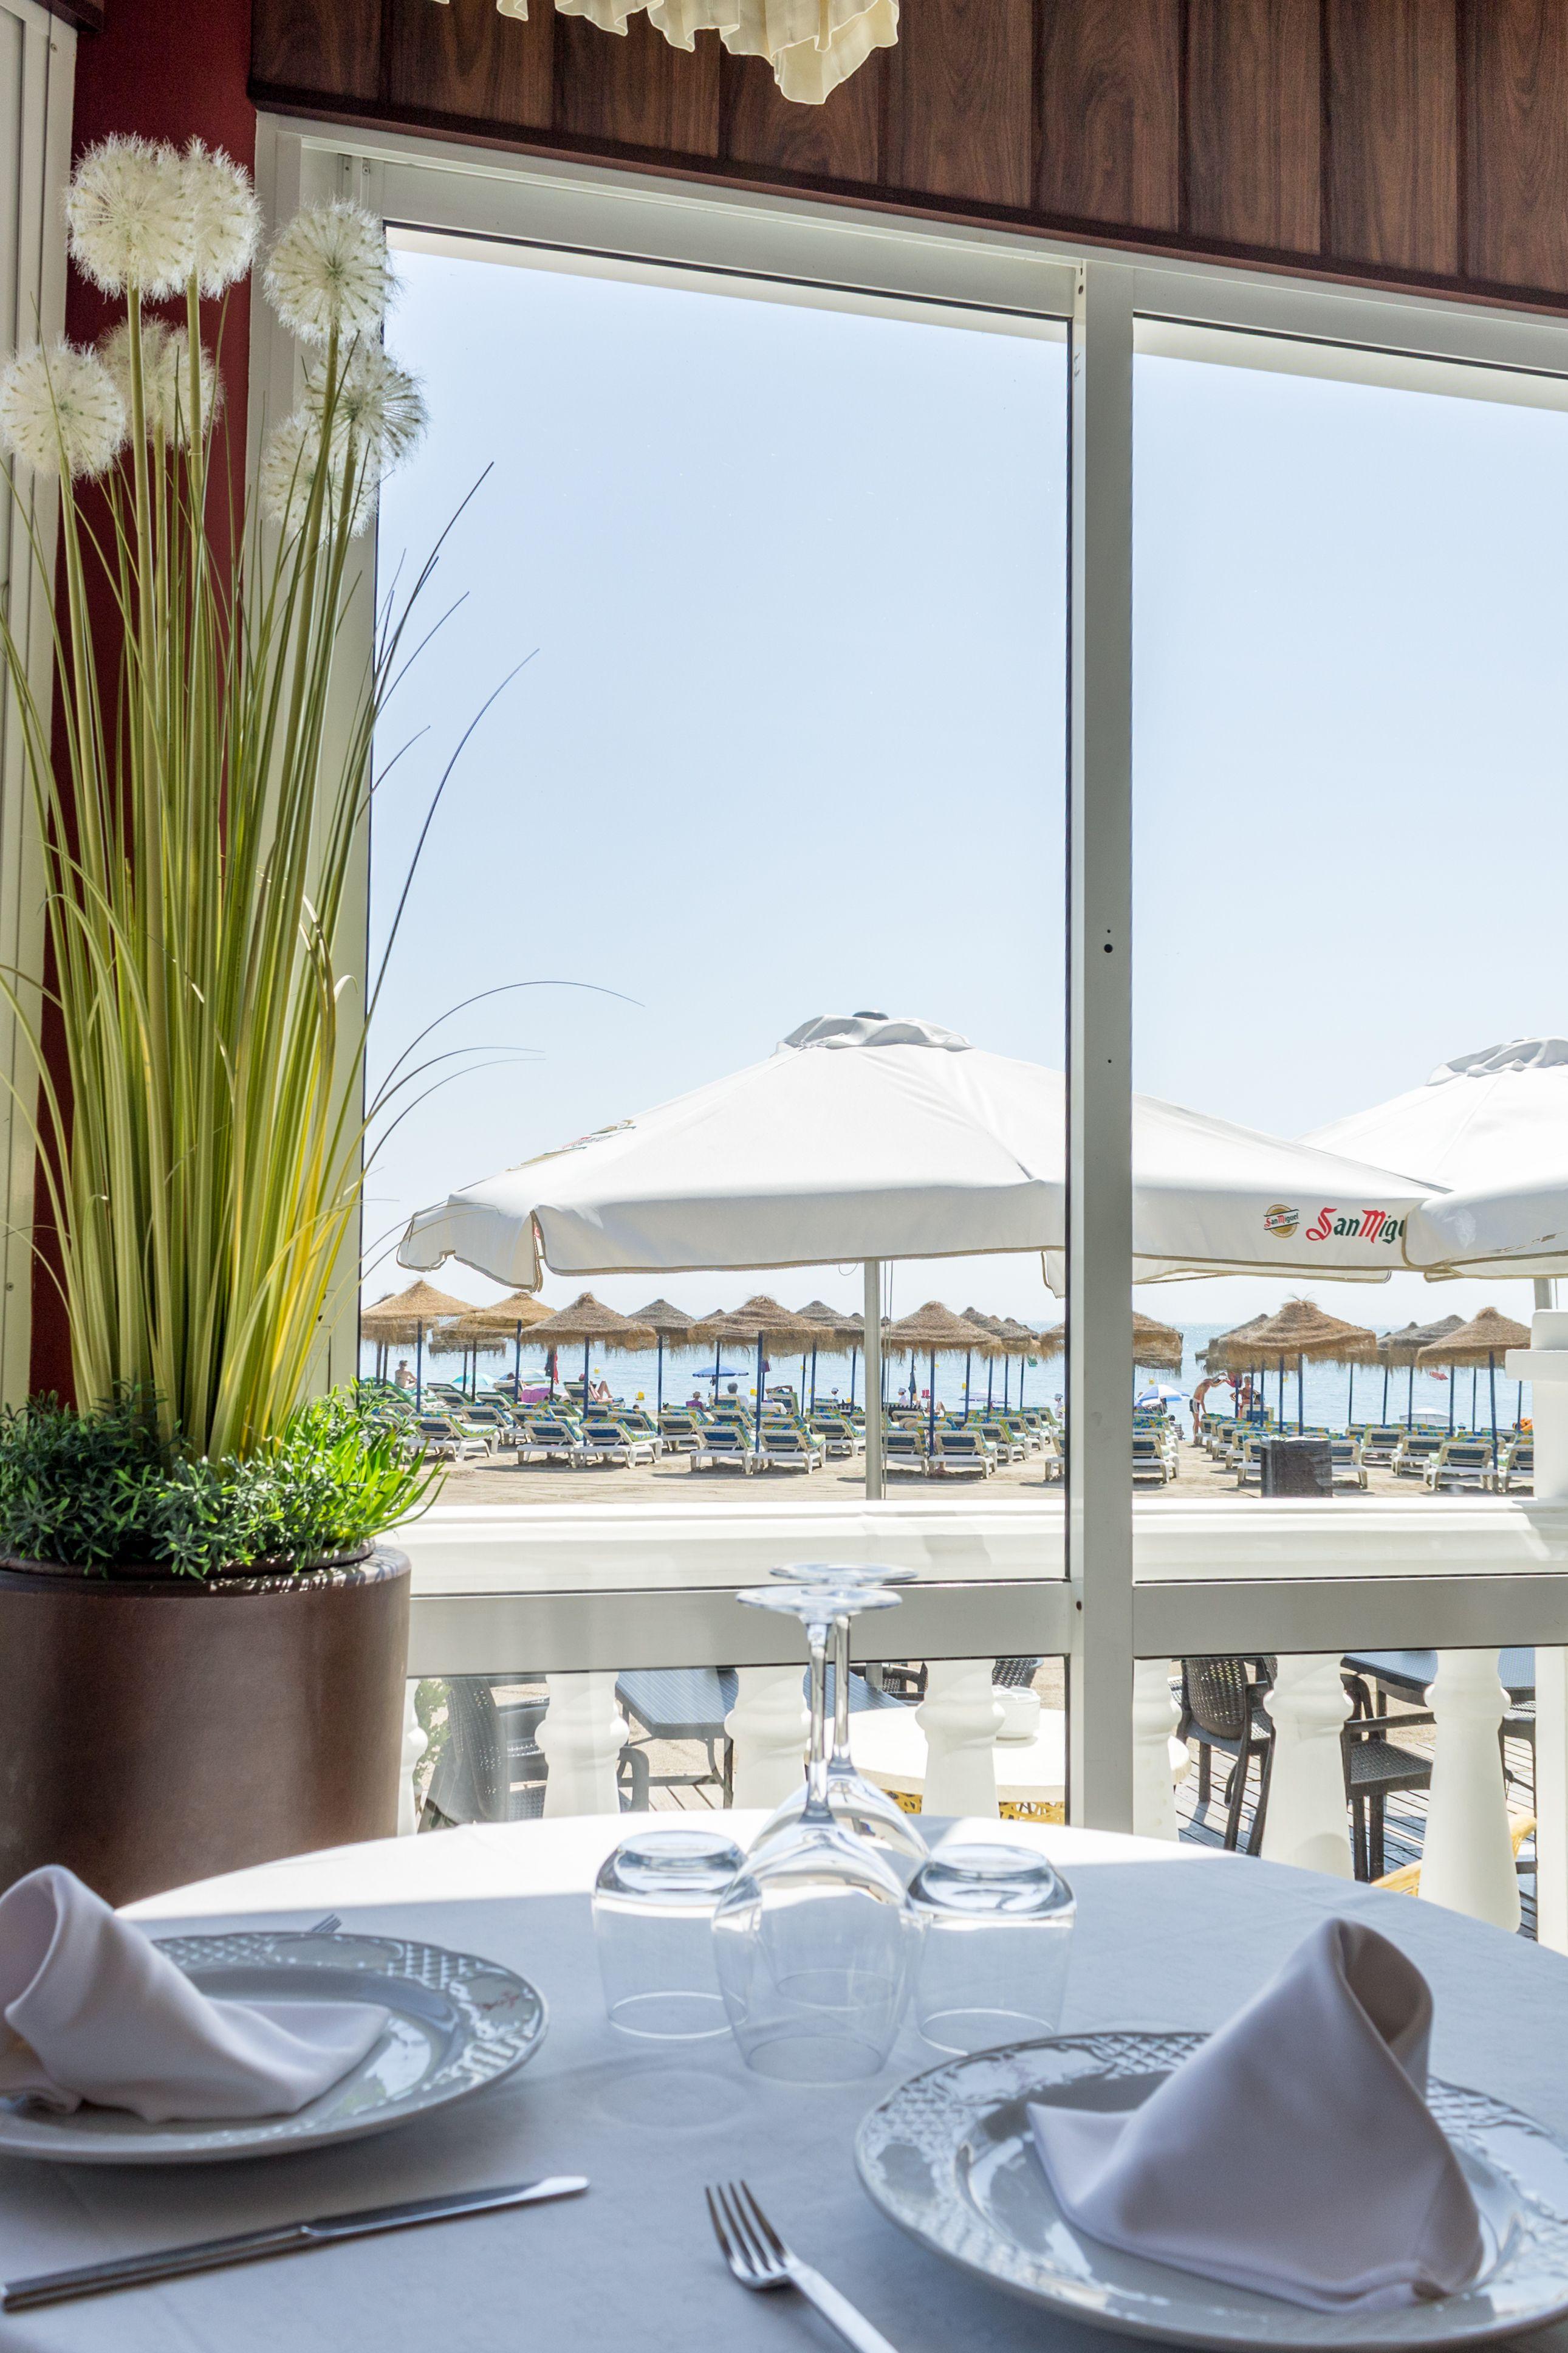 Restaurante con vistas al mar en Benalmádena